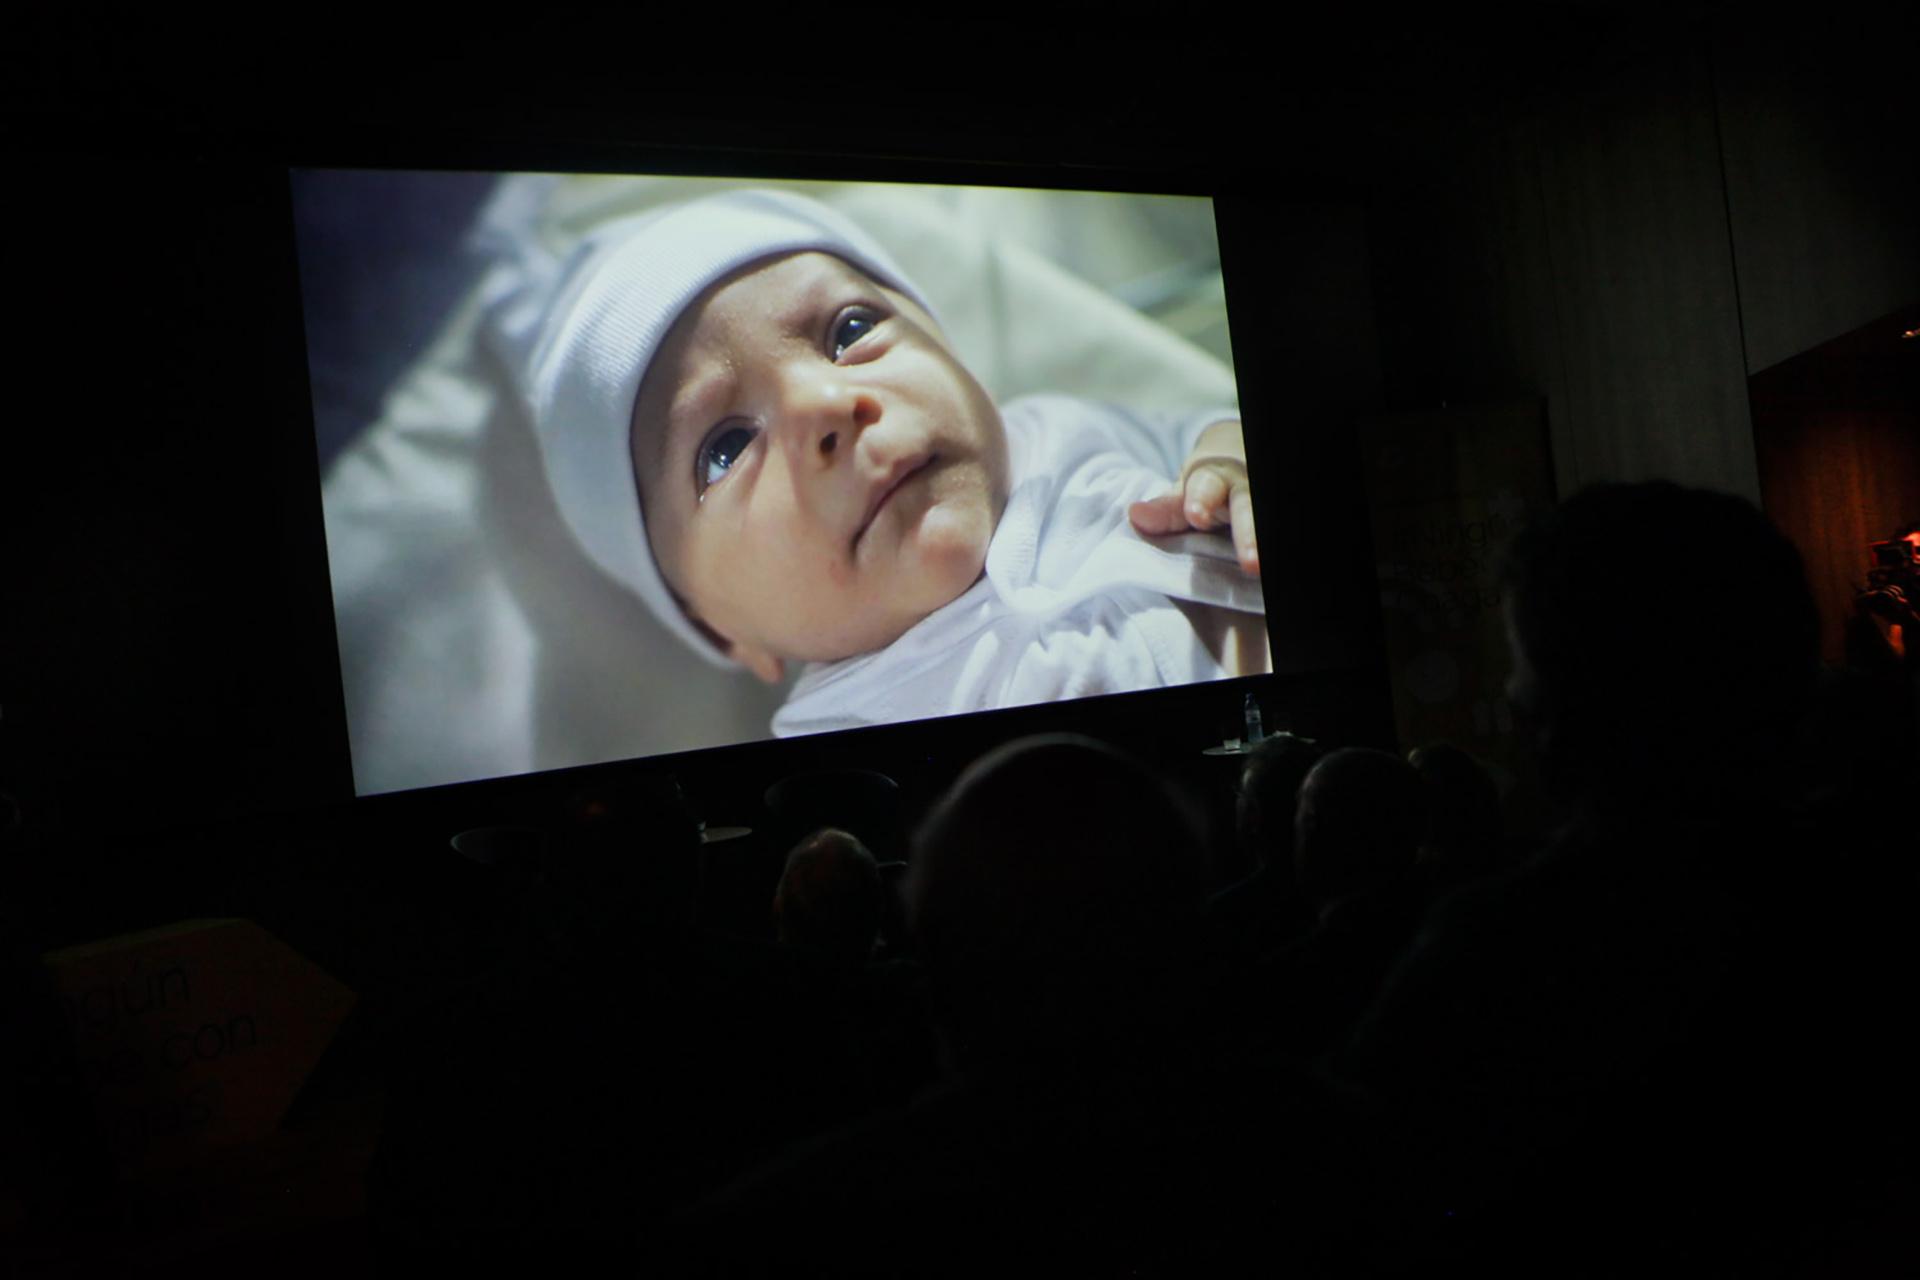 Reproducción del video #NingúnBebéconChagas durante el lanzamiento de la campaña